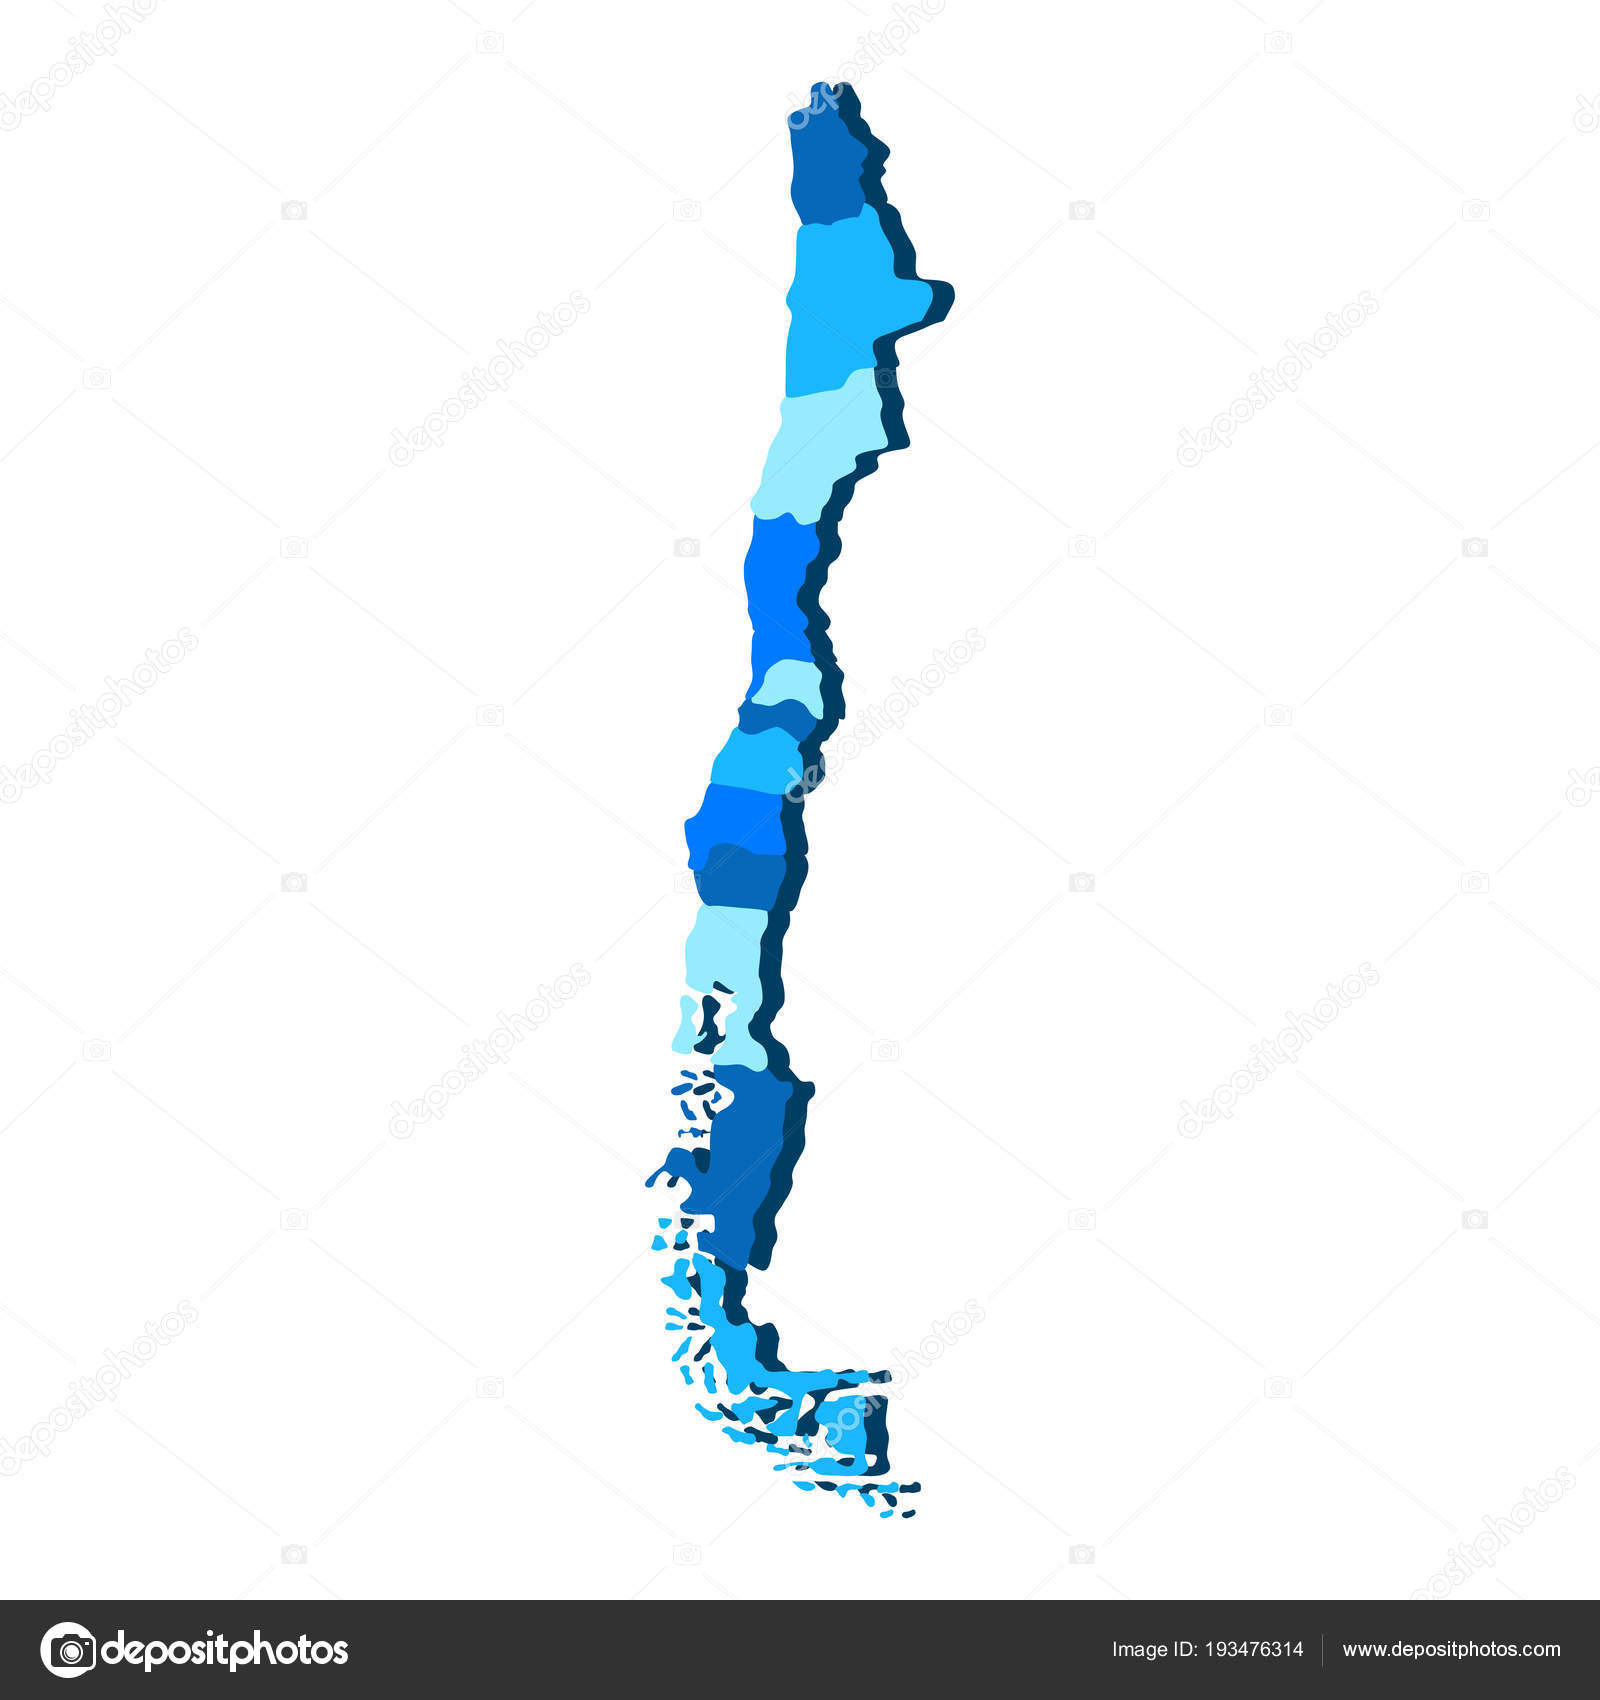 Mapa Politico De Chile.Mapa Politico De Chile Archivo Imagenes Vectoriales